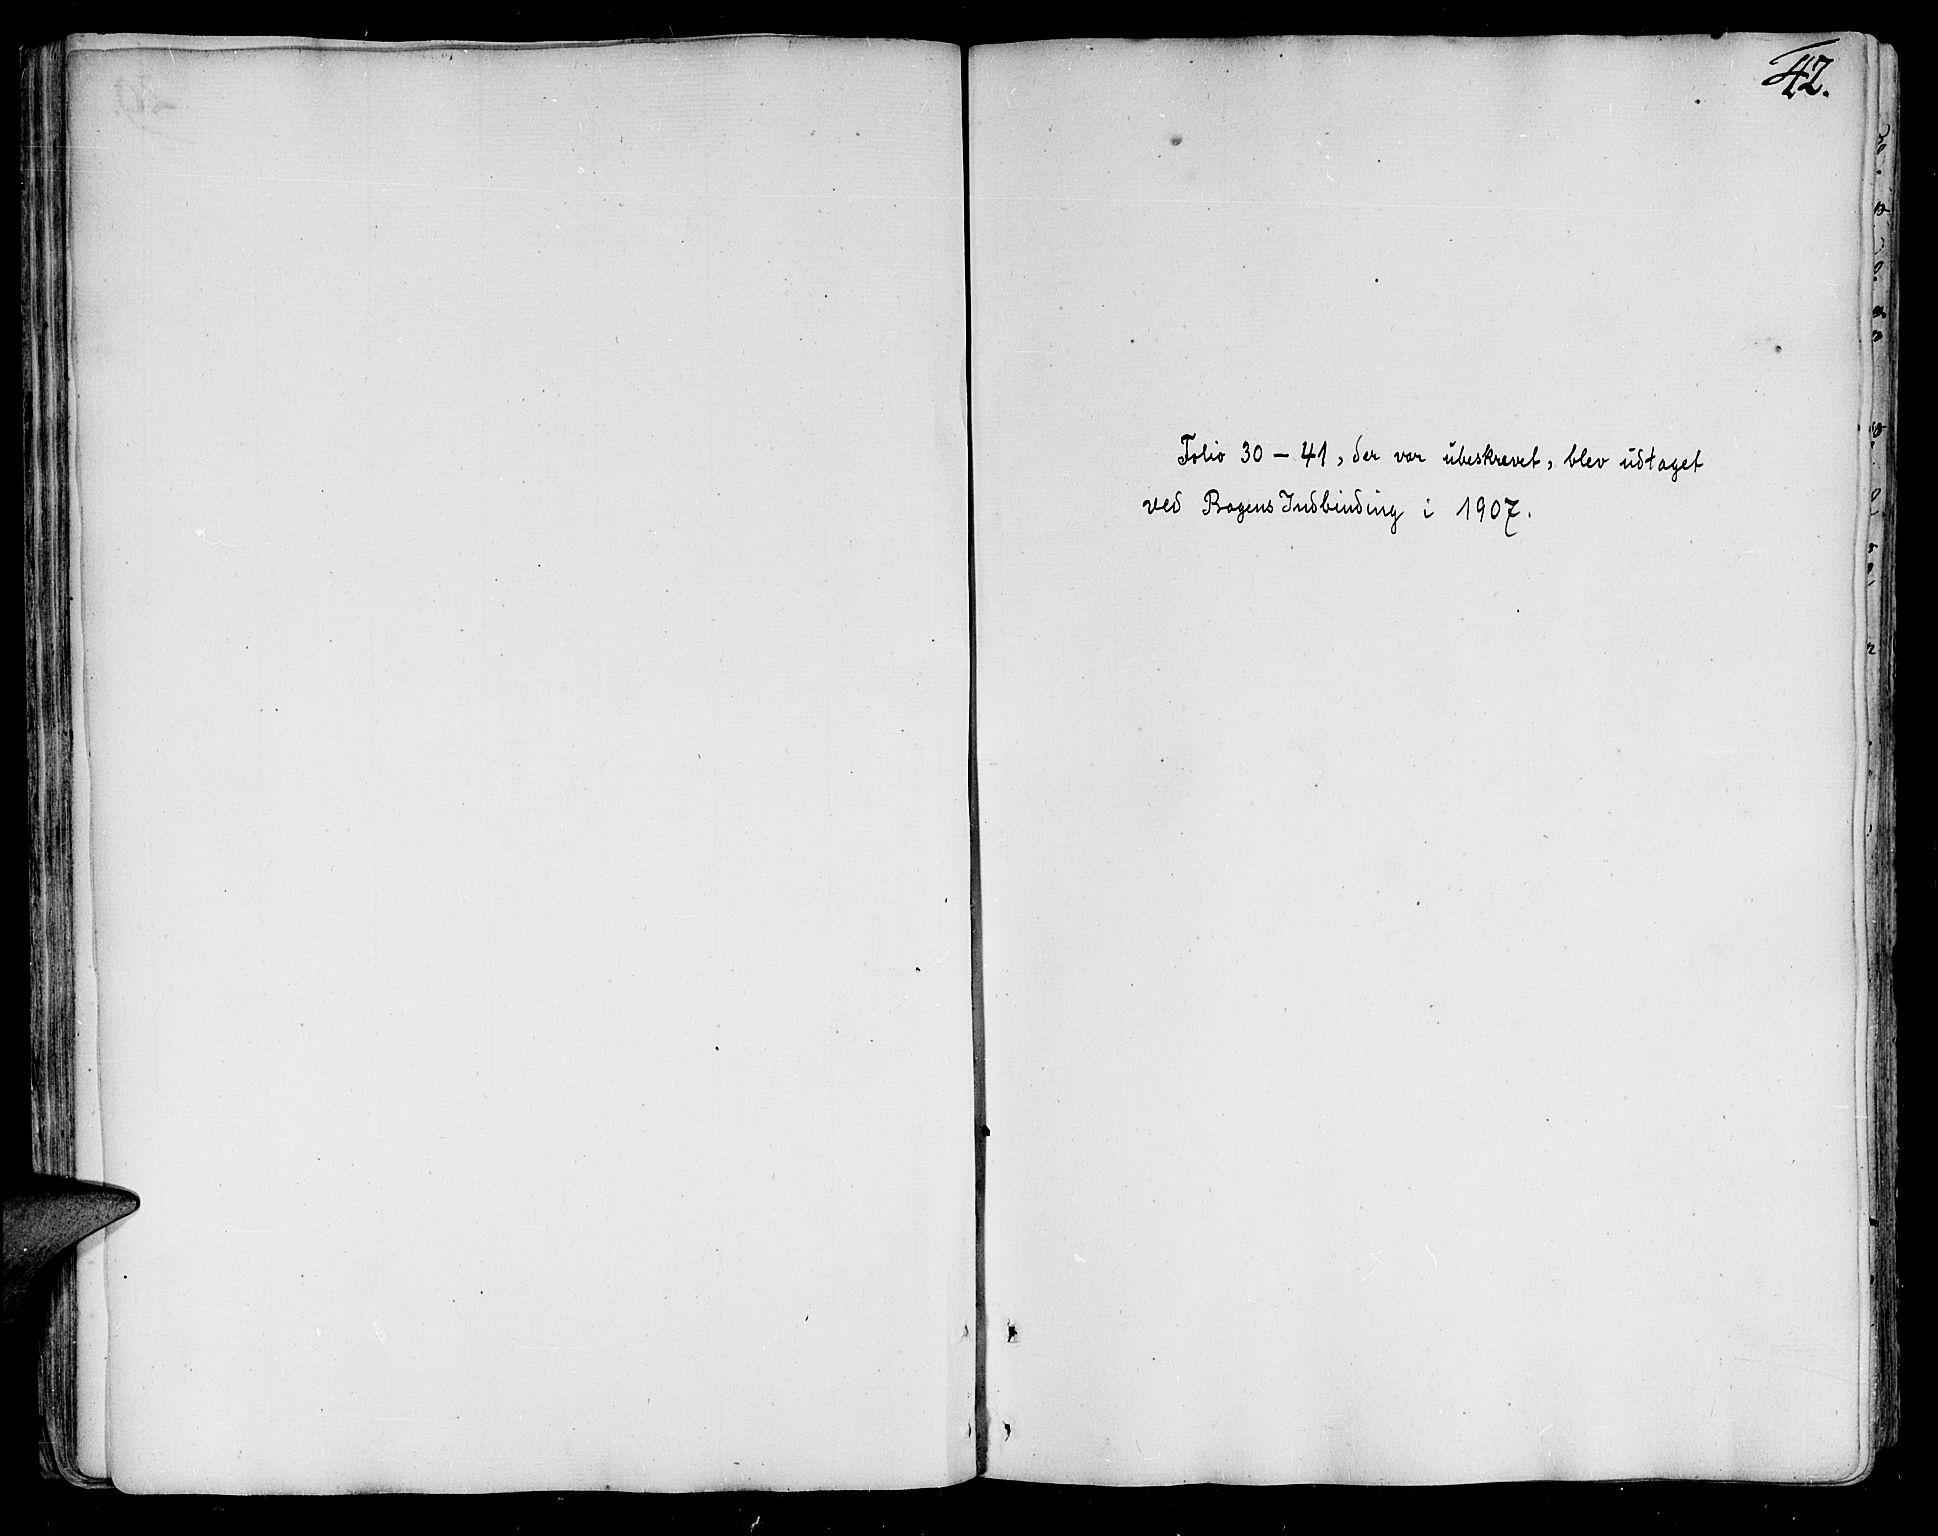 SAT, Ministerialprotokoller, klokkerbøker og fødselsregistre - Nord-Trøndelag, 701/L0004: Ministerialbok nr. 701A04, 1783-1816, s. 42